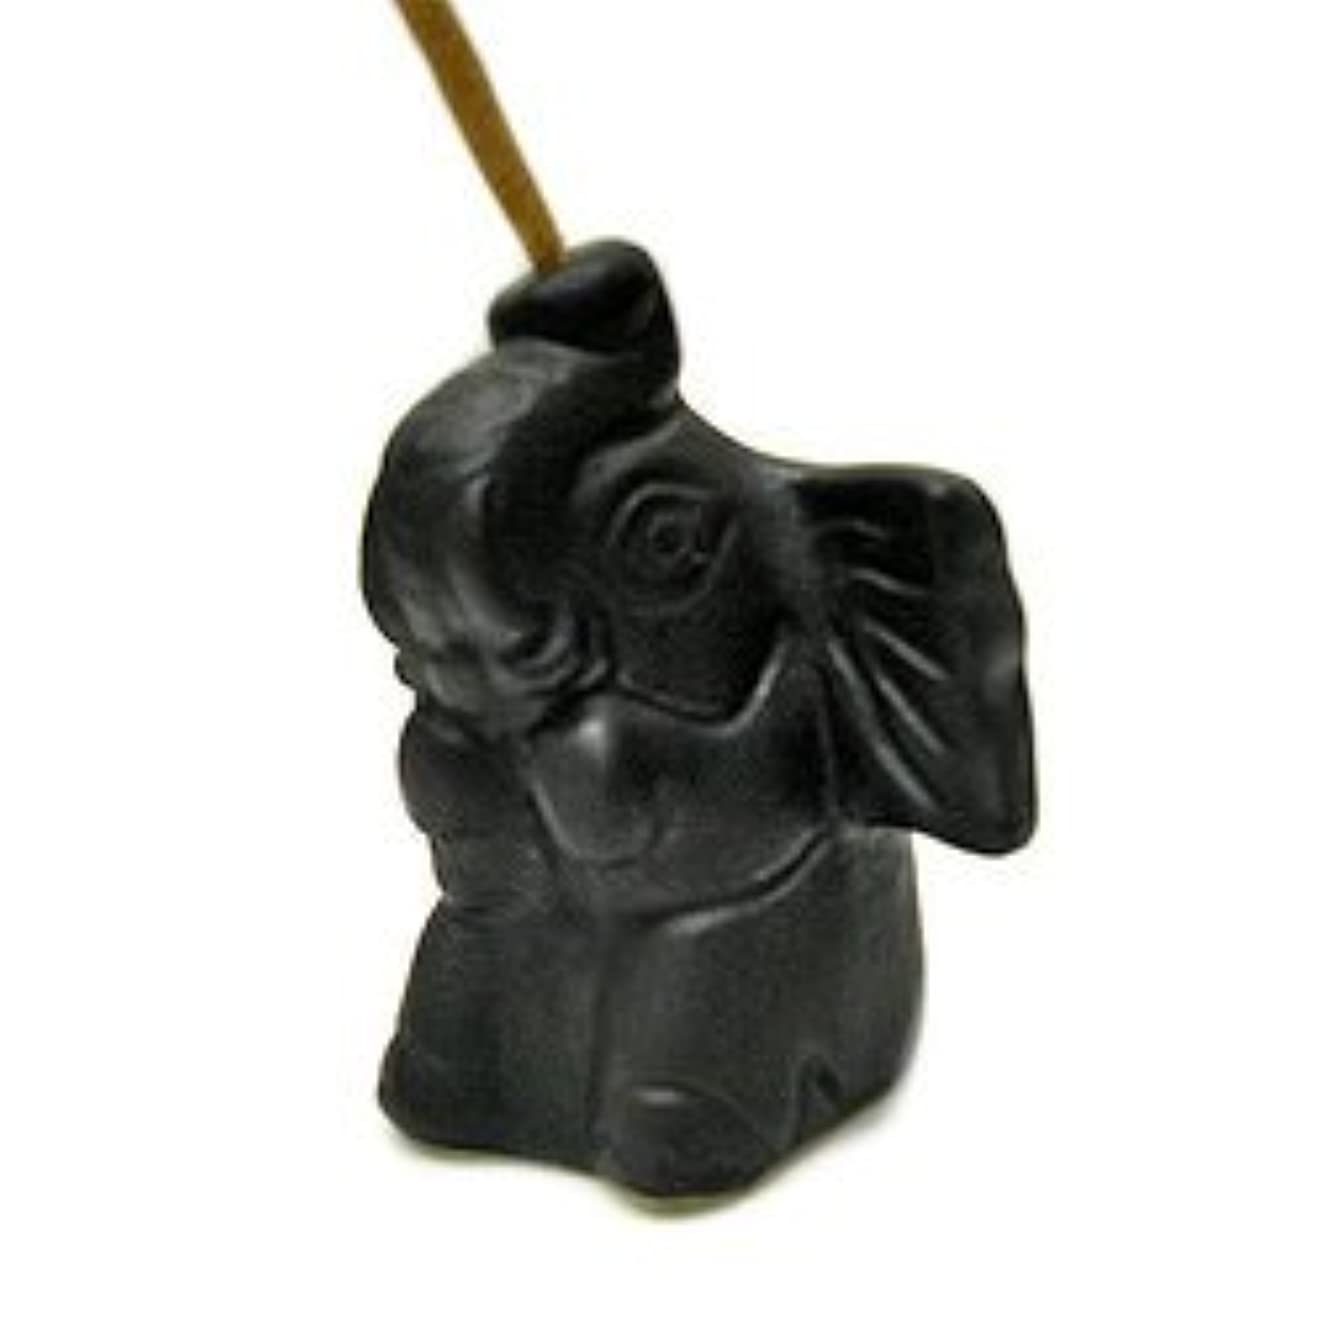 挨拶見つける孤独象さんのお香立て <黒> インセンスホルダー/スティックタイプ用お香立て・お香たて アジアン雑貨